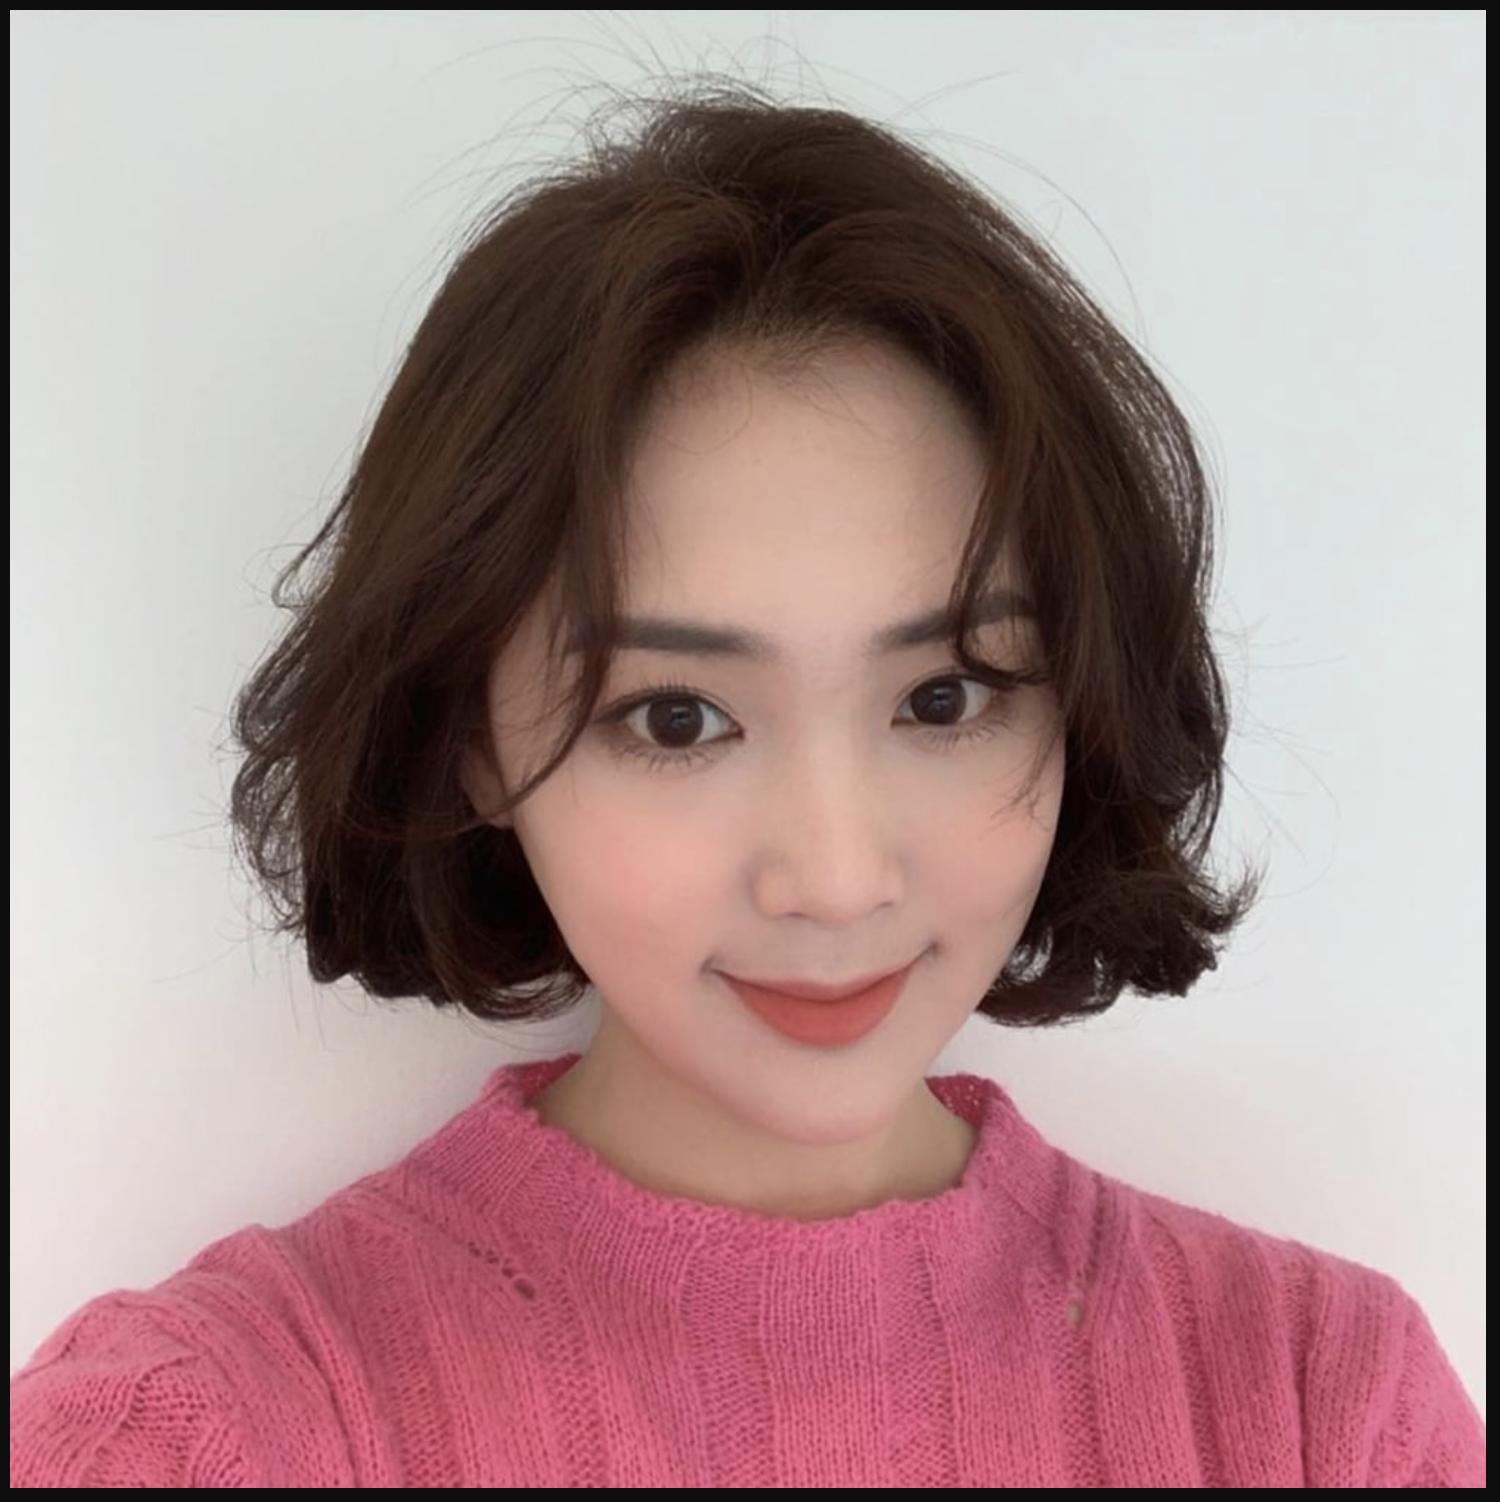 Tóc ngắn nữ xoăn cho khuôn mặt nữ tính, hiền dịu hơn